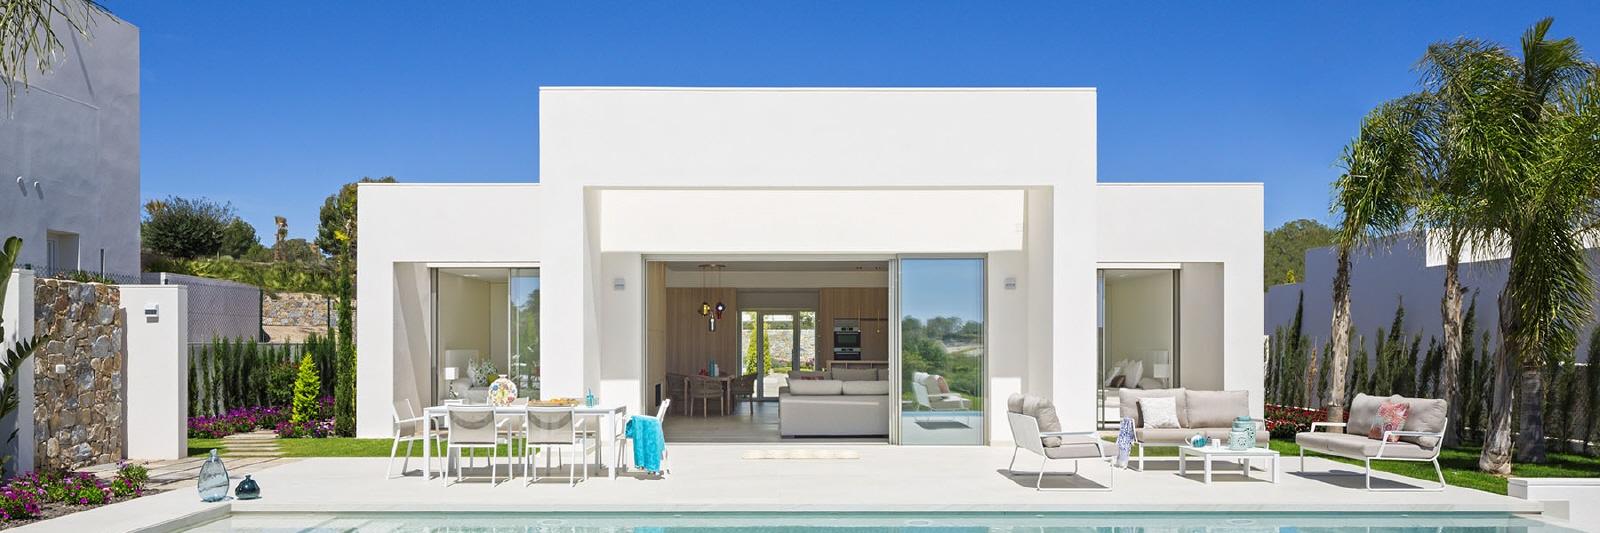 Immobilien Costa Blanca Spanien Kaufen